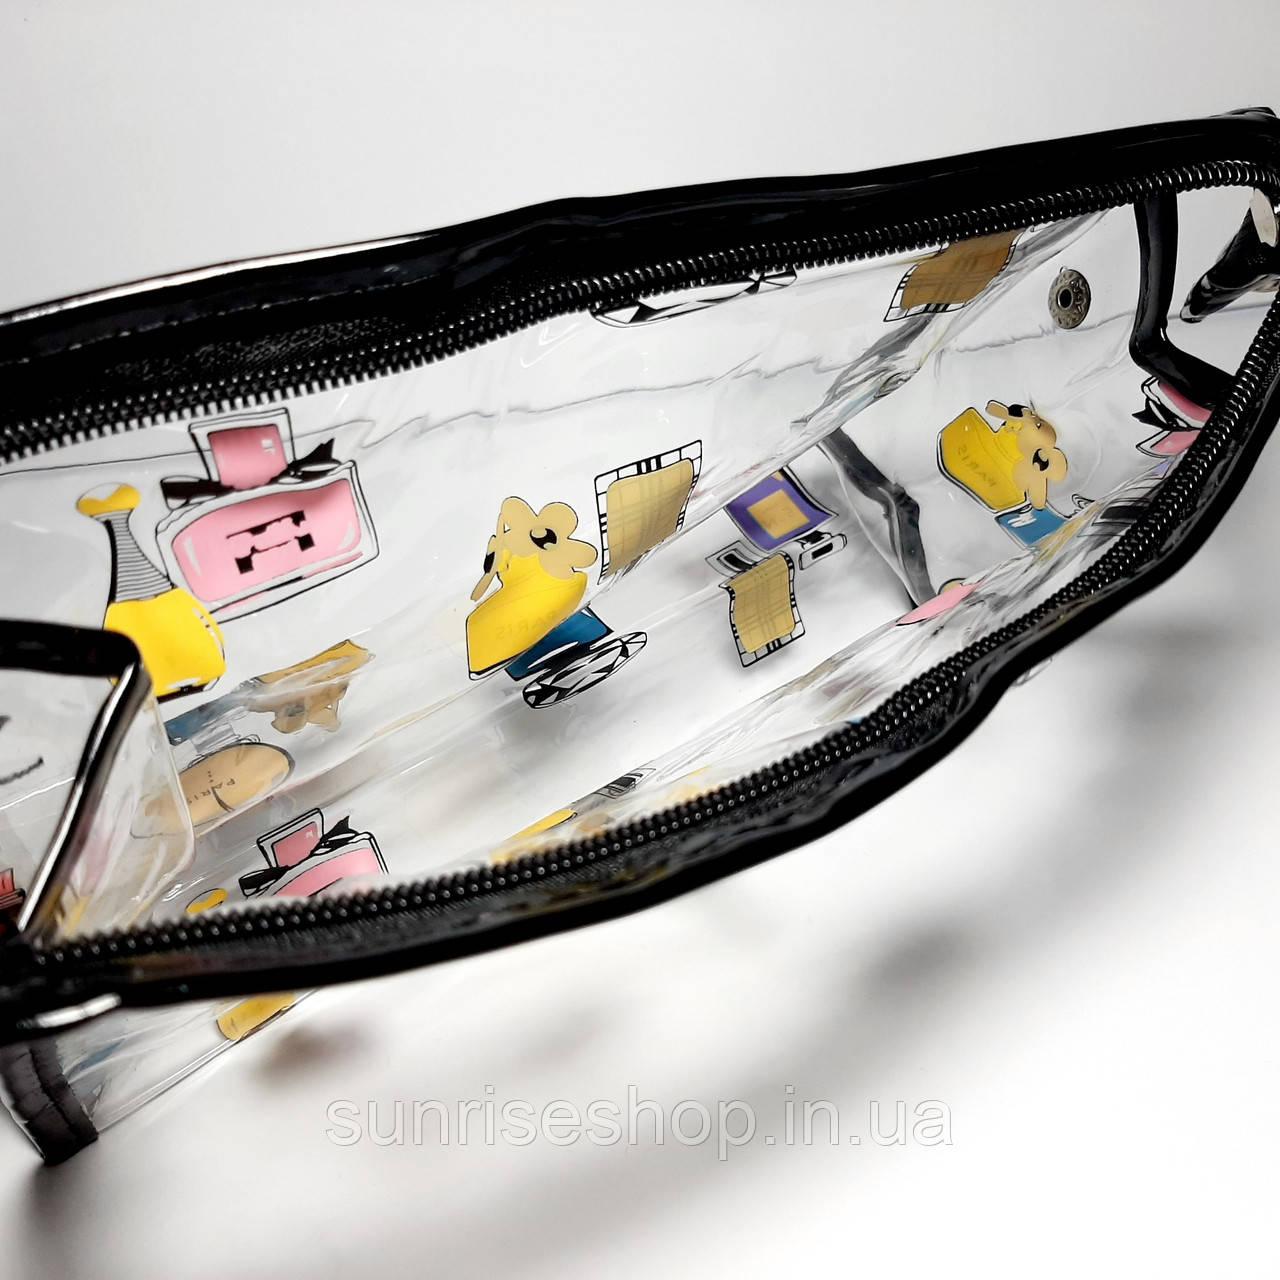 Косметичка прозрачная силиконовая купить оптом - фото 4